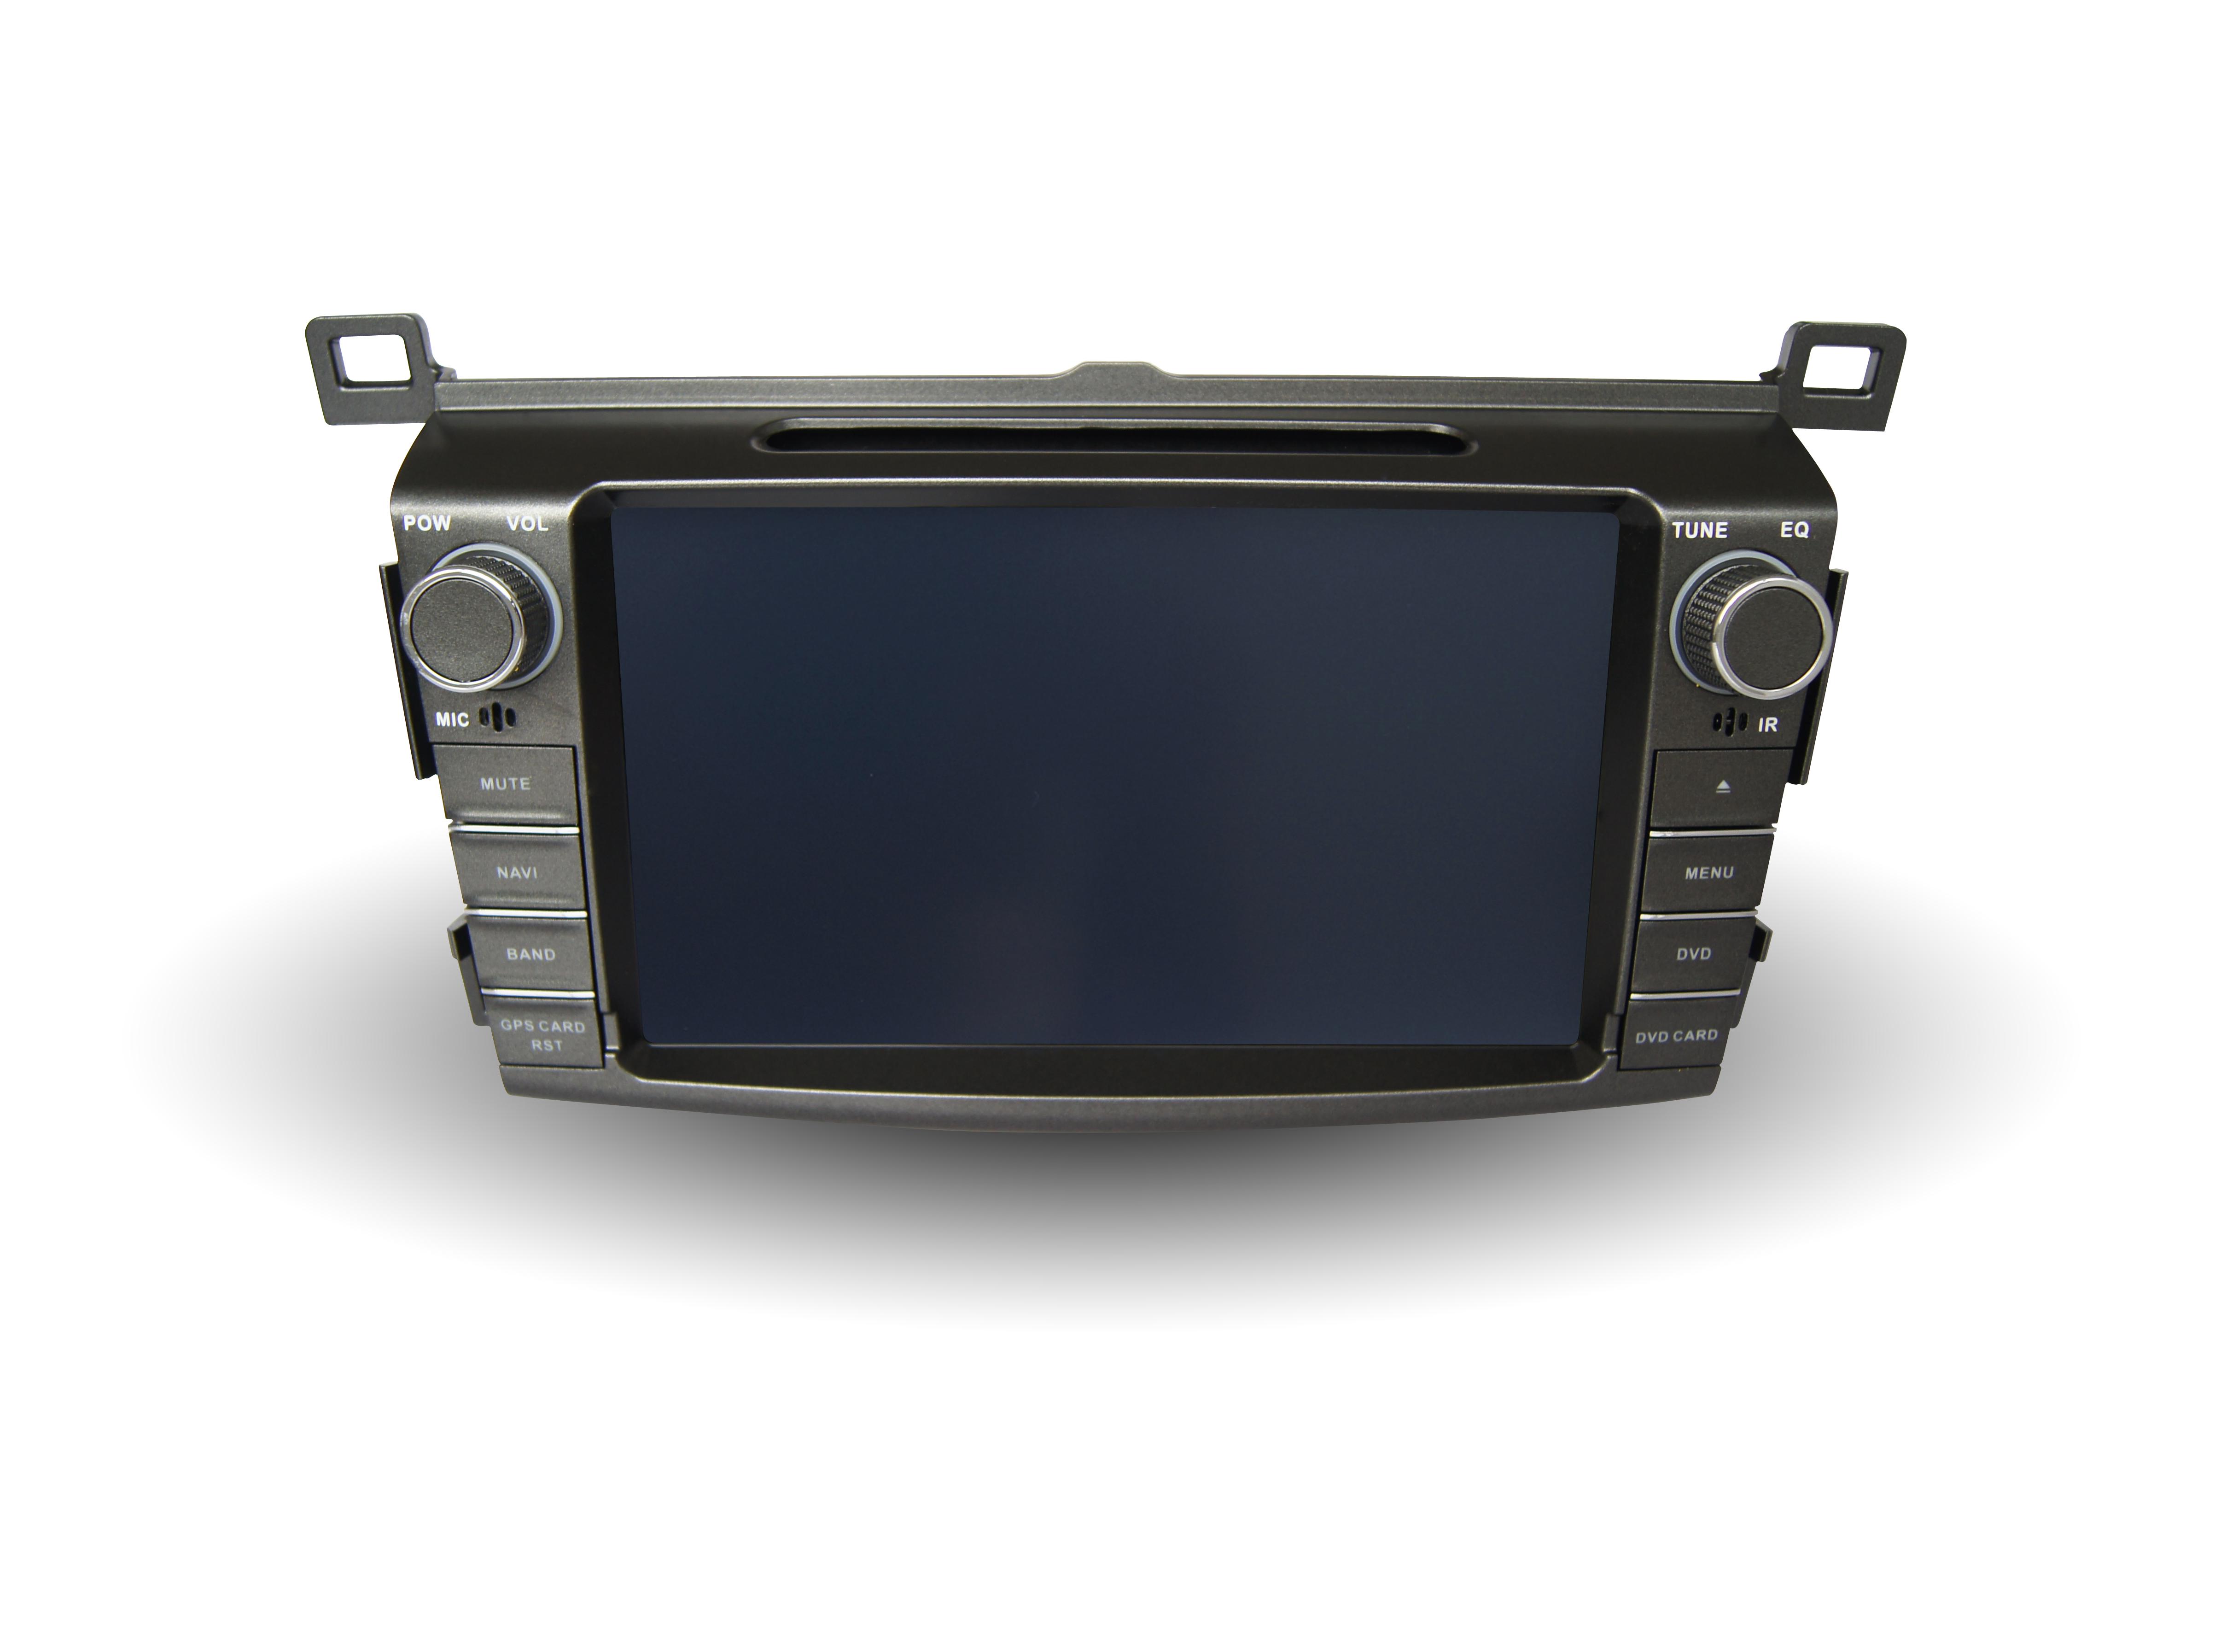 Штатная магнитола CARMEDIA QR-8045-T8 Toyota RAV4 2013+ (поддержка кругового обзора, усилителя, камеры, бк) на OC Android 7.1.2 / 8.1 штатная магнитола carmedia qr 9000 t8 toyota land cruiser prado 150 2013 2016 поддержка кругового обзора усилителя камеры бк на oc android 7 1 2 8 1